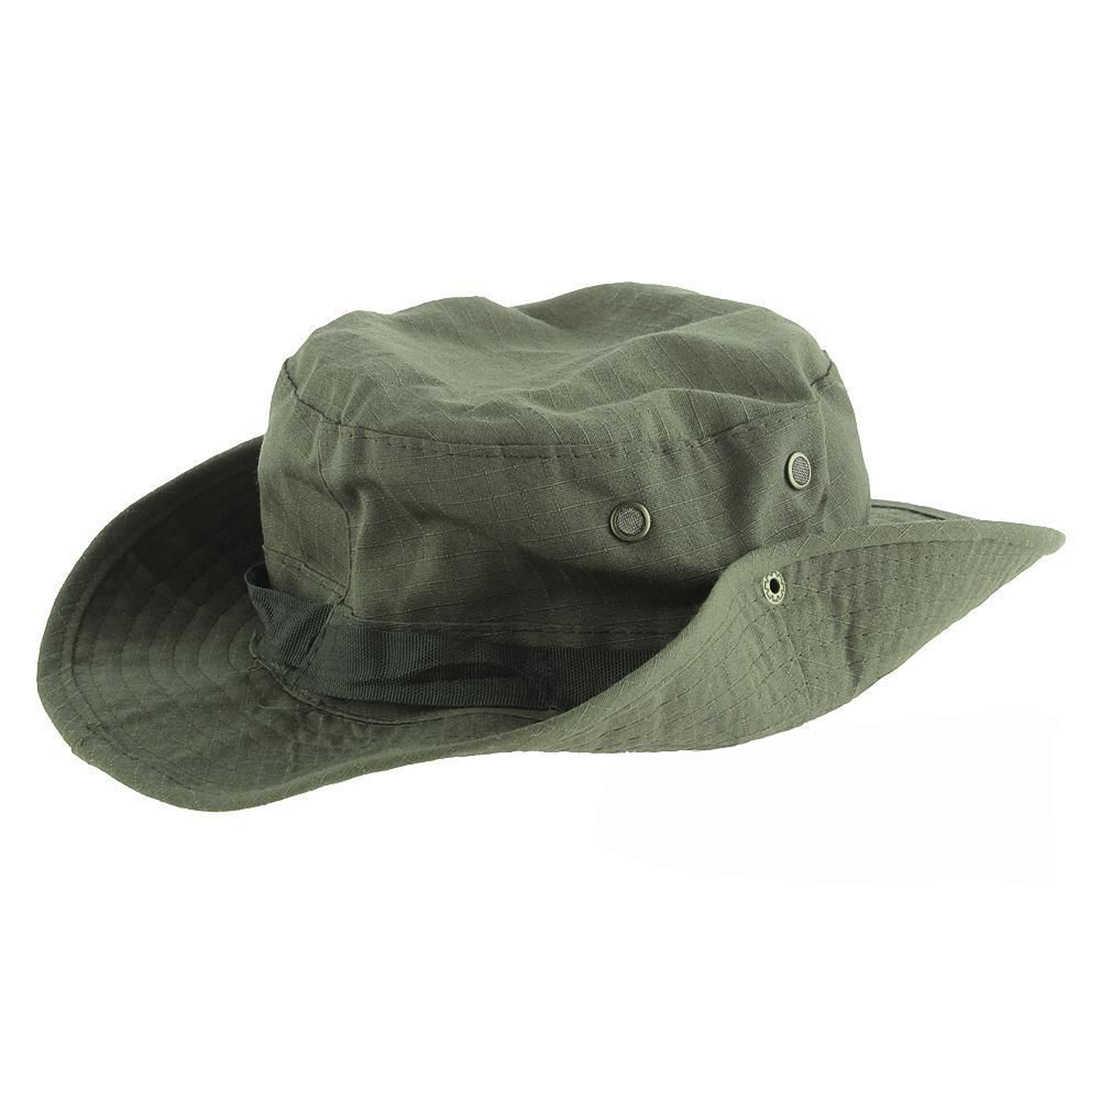 กว้าง Brim หมวกตกปลาหมวกกันแดดหมวกกองทัพสีเขียวเดินทาง BONNIE หมวกปรับสายรัด Mens หมวกกีฬา